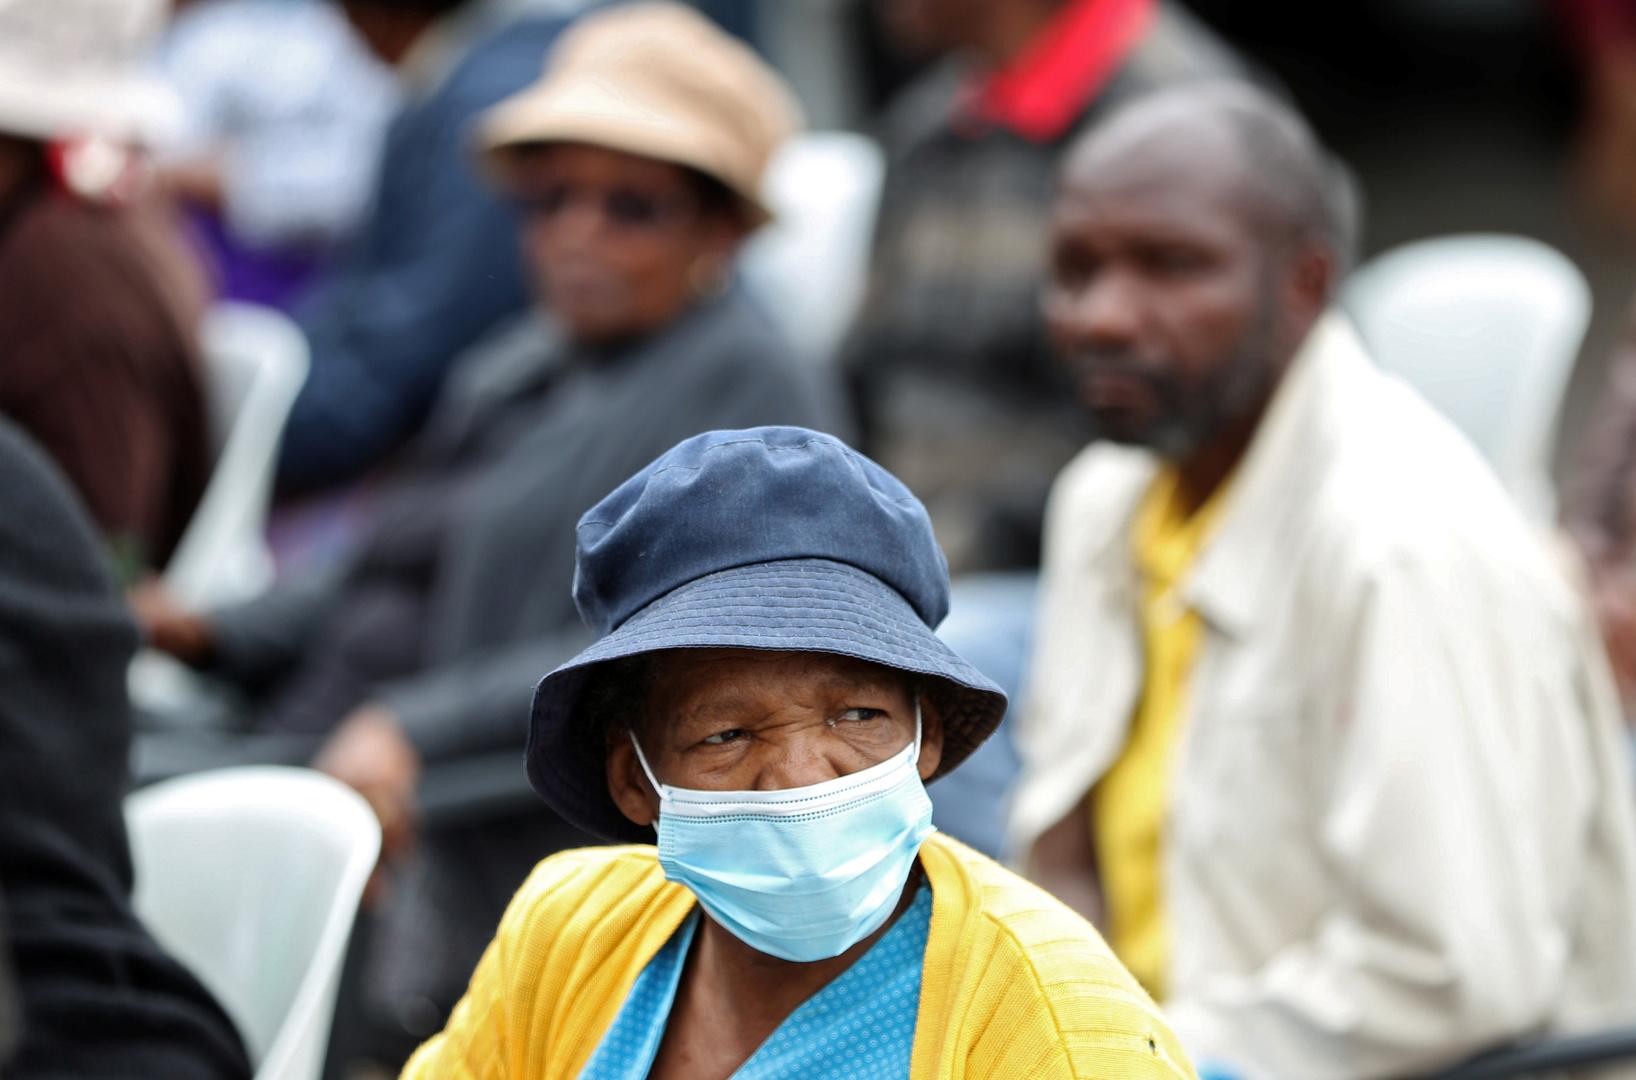 الكشف عن نوايا فرنسية لتجربة لقاح ضد كورونا في إفريقيا يثير جدلا